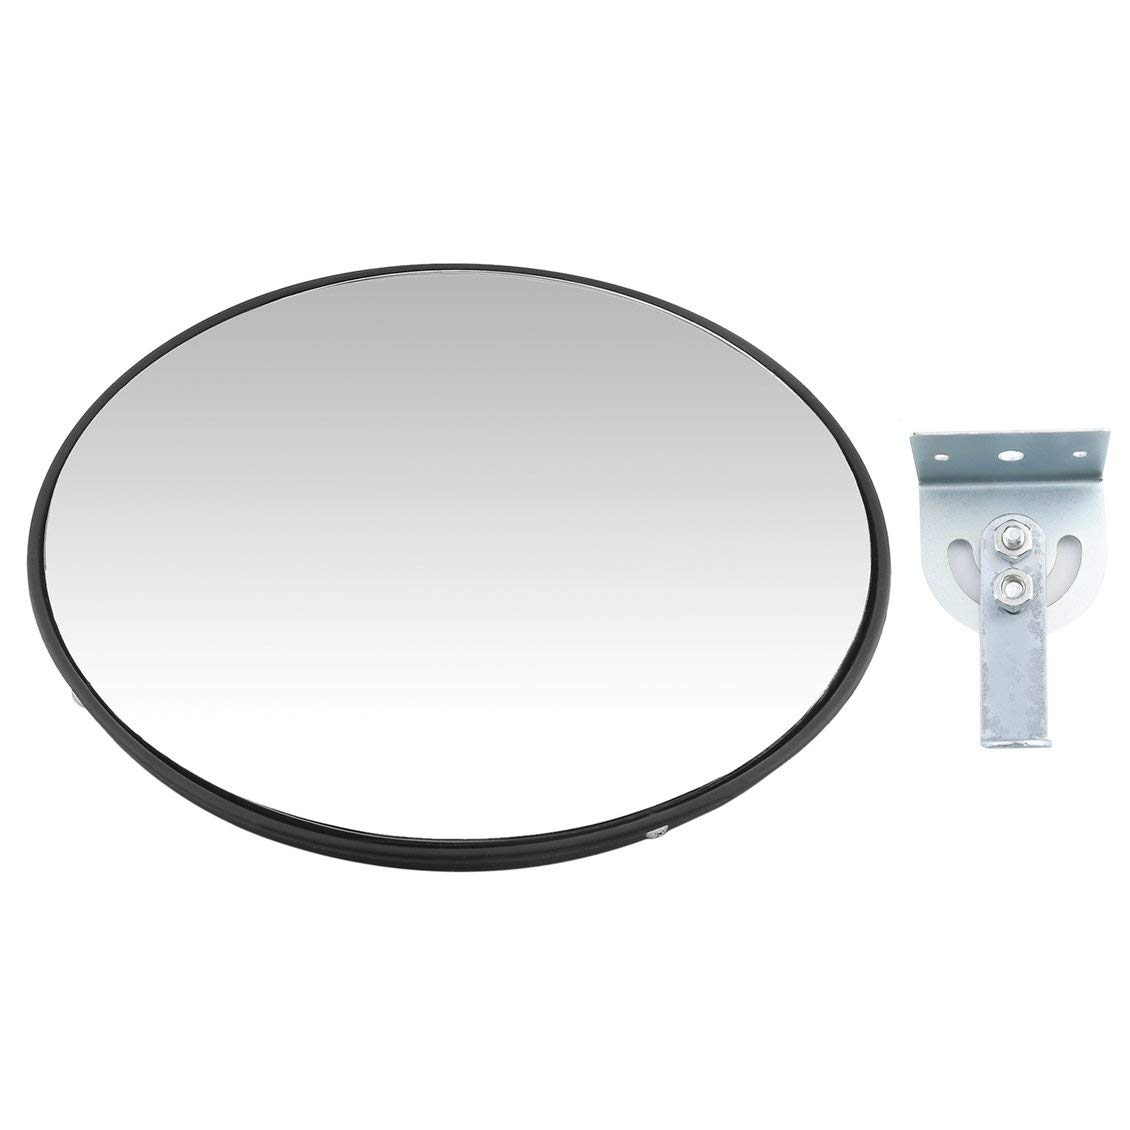 Pgige Specchietto Convesso del Traffico Stradale, Diametro Stradale 30 cm Specchio Convesso del Traffico Stradale Resistenza antivandalo Specchio grandangolare Garage sotterraneo retrovisore